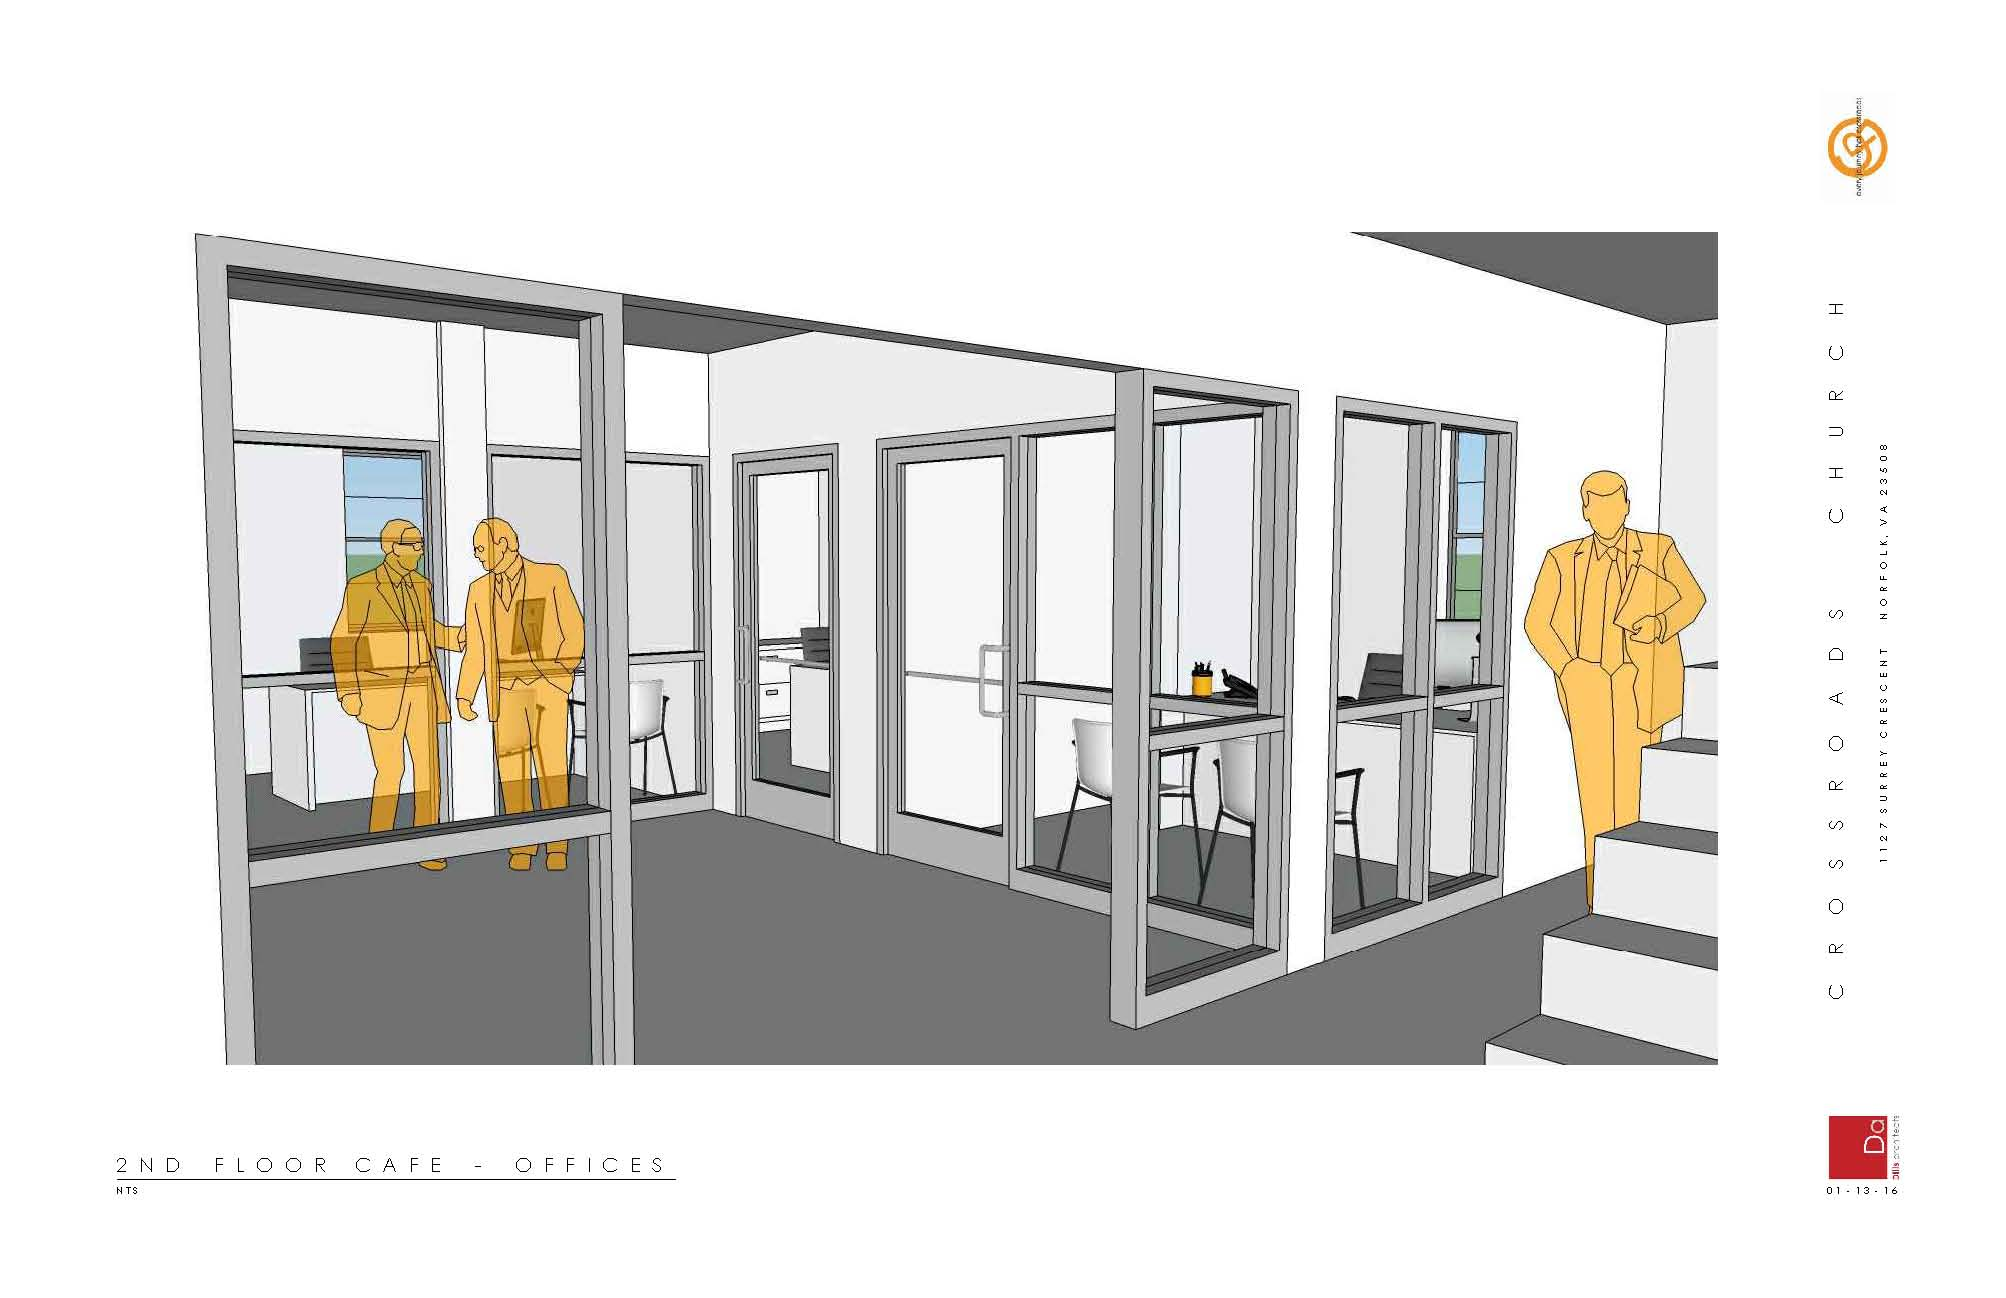 2nd Floor Office Suite